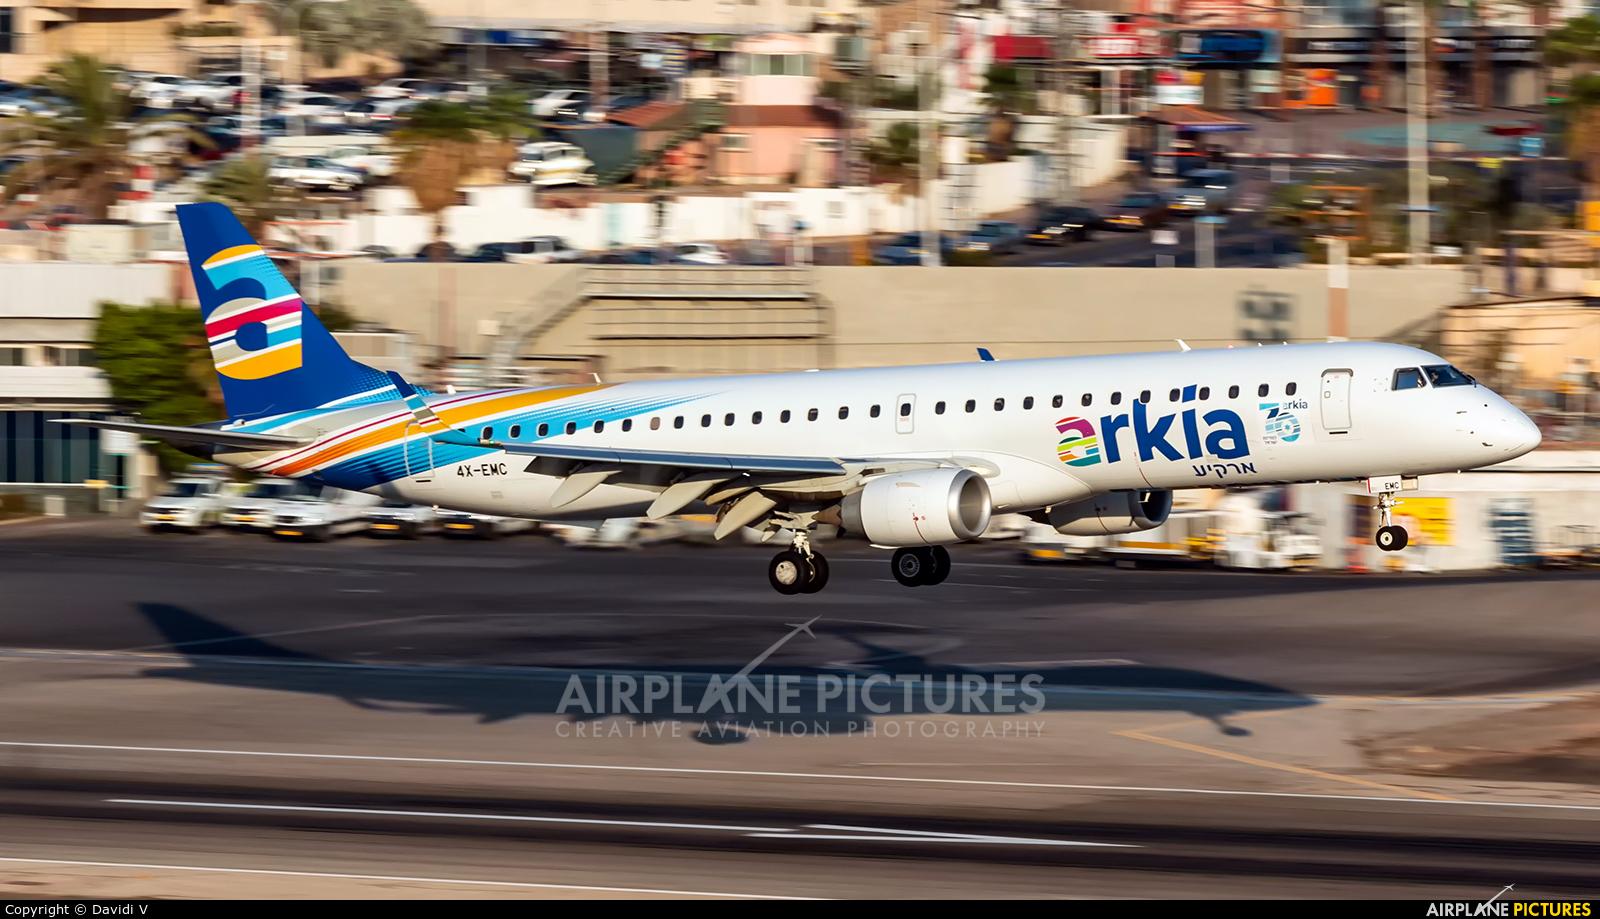 Arkia 4X-EMC aircraft at Eilat - J. Hozman